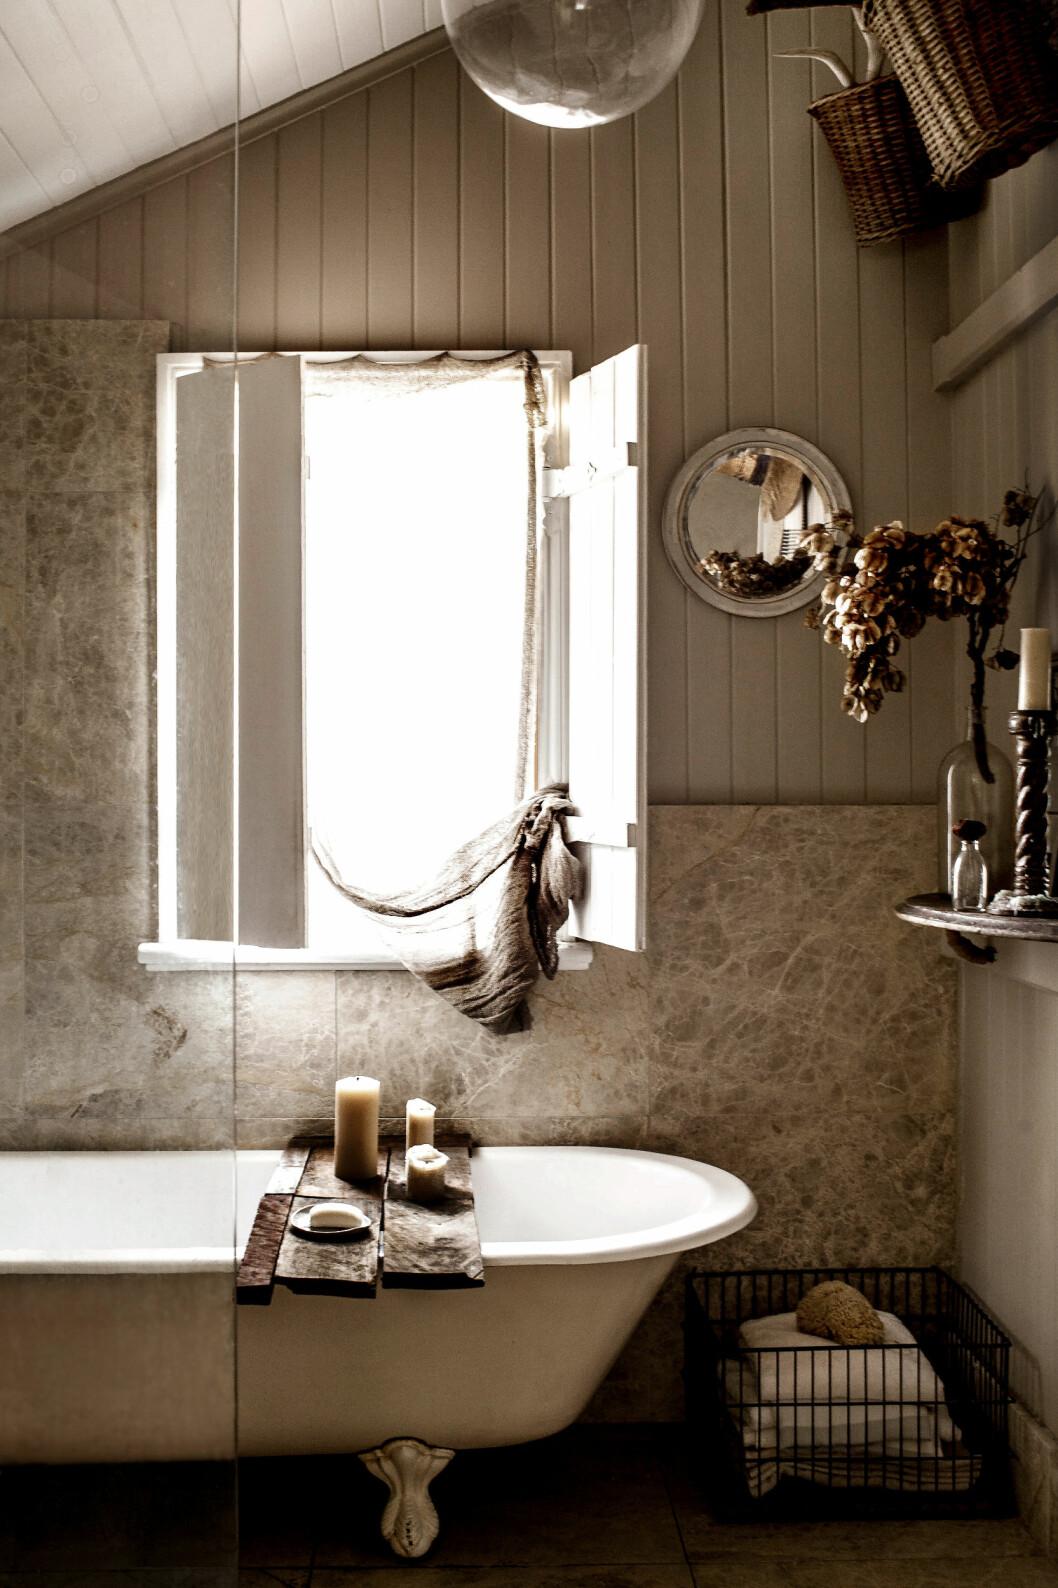 ENKELT: Enkel baderomsinnredning fremhever det vakre, gamle badekaret med ørneføtter. Et gammelt linstykke foran vinduet og mange stearinlys understreker den jordnære, harmoniske stemningen. Foto: Kara Rosenlund